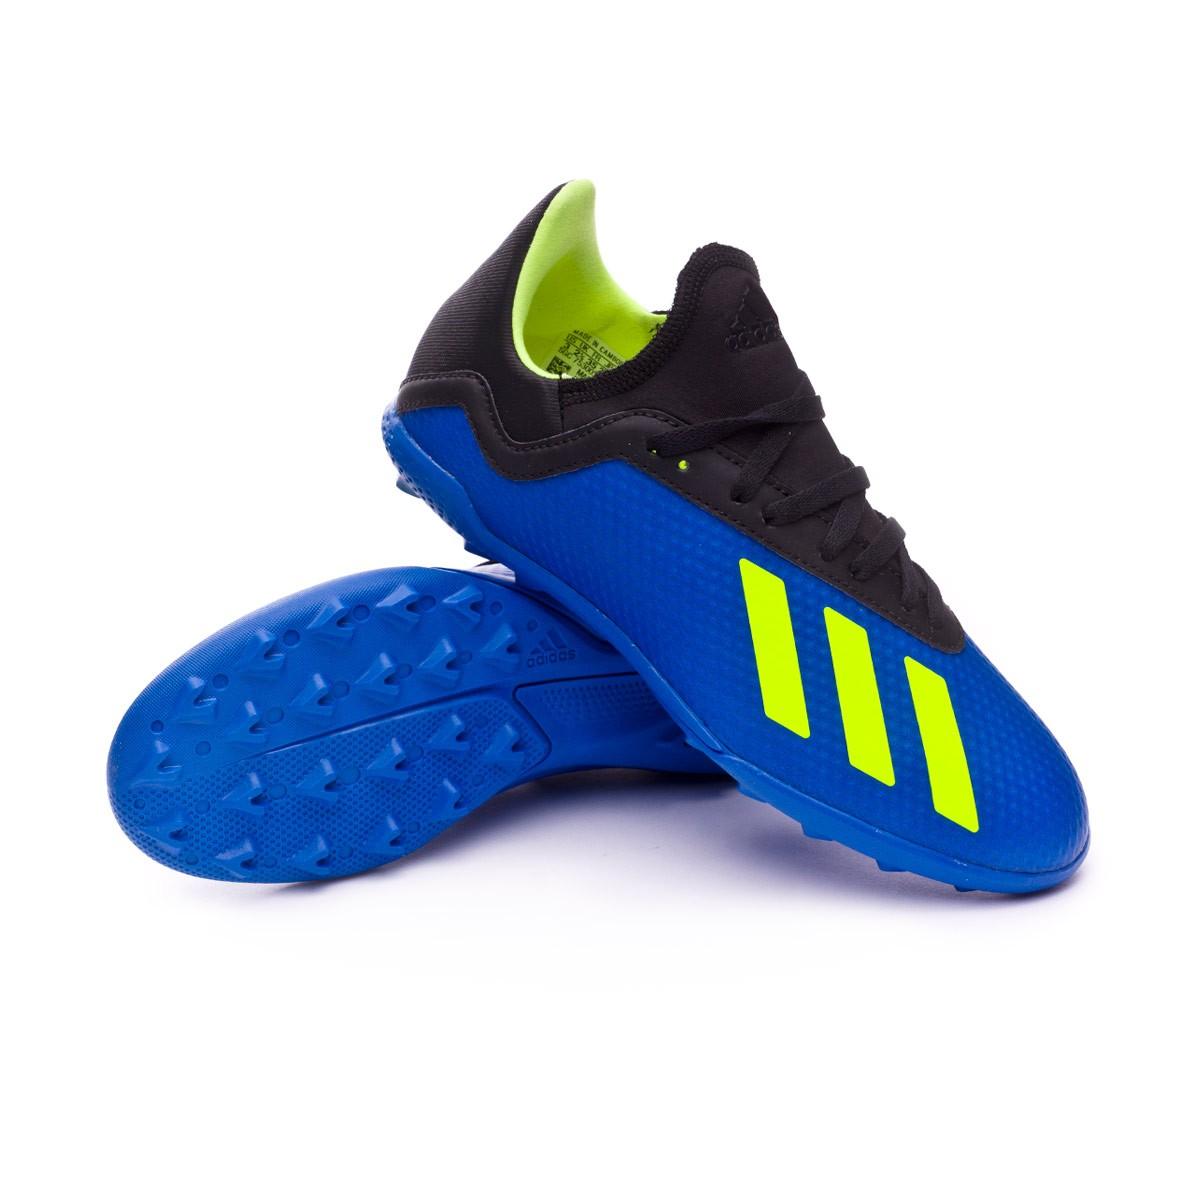 47ca988a7d6ad6 adidas Kids X Tango 18.3 Turf Football Boot. Foot blue-Solar yellow-Black  ...